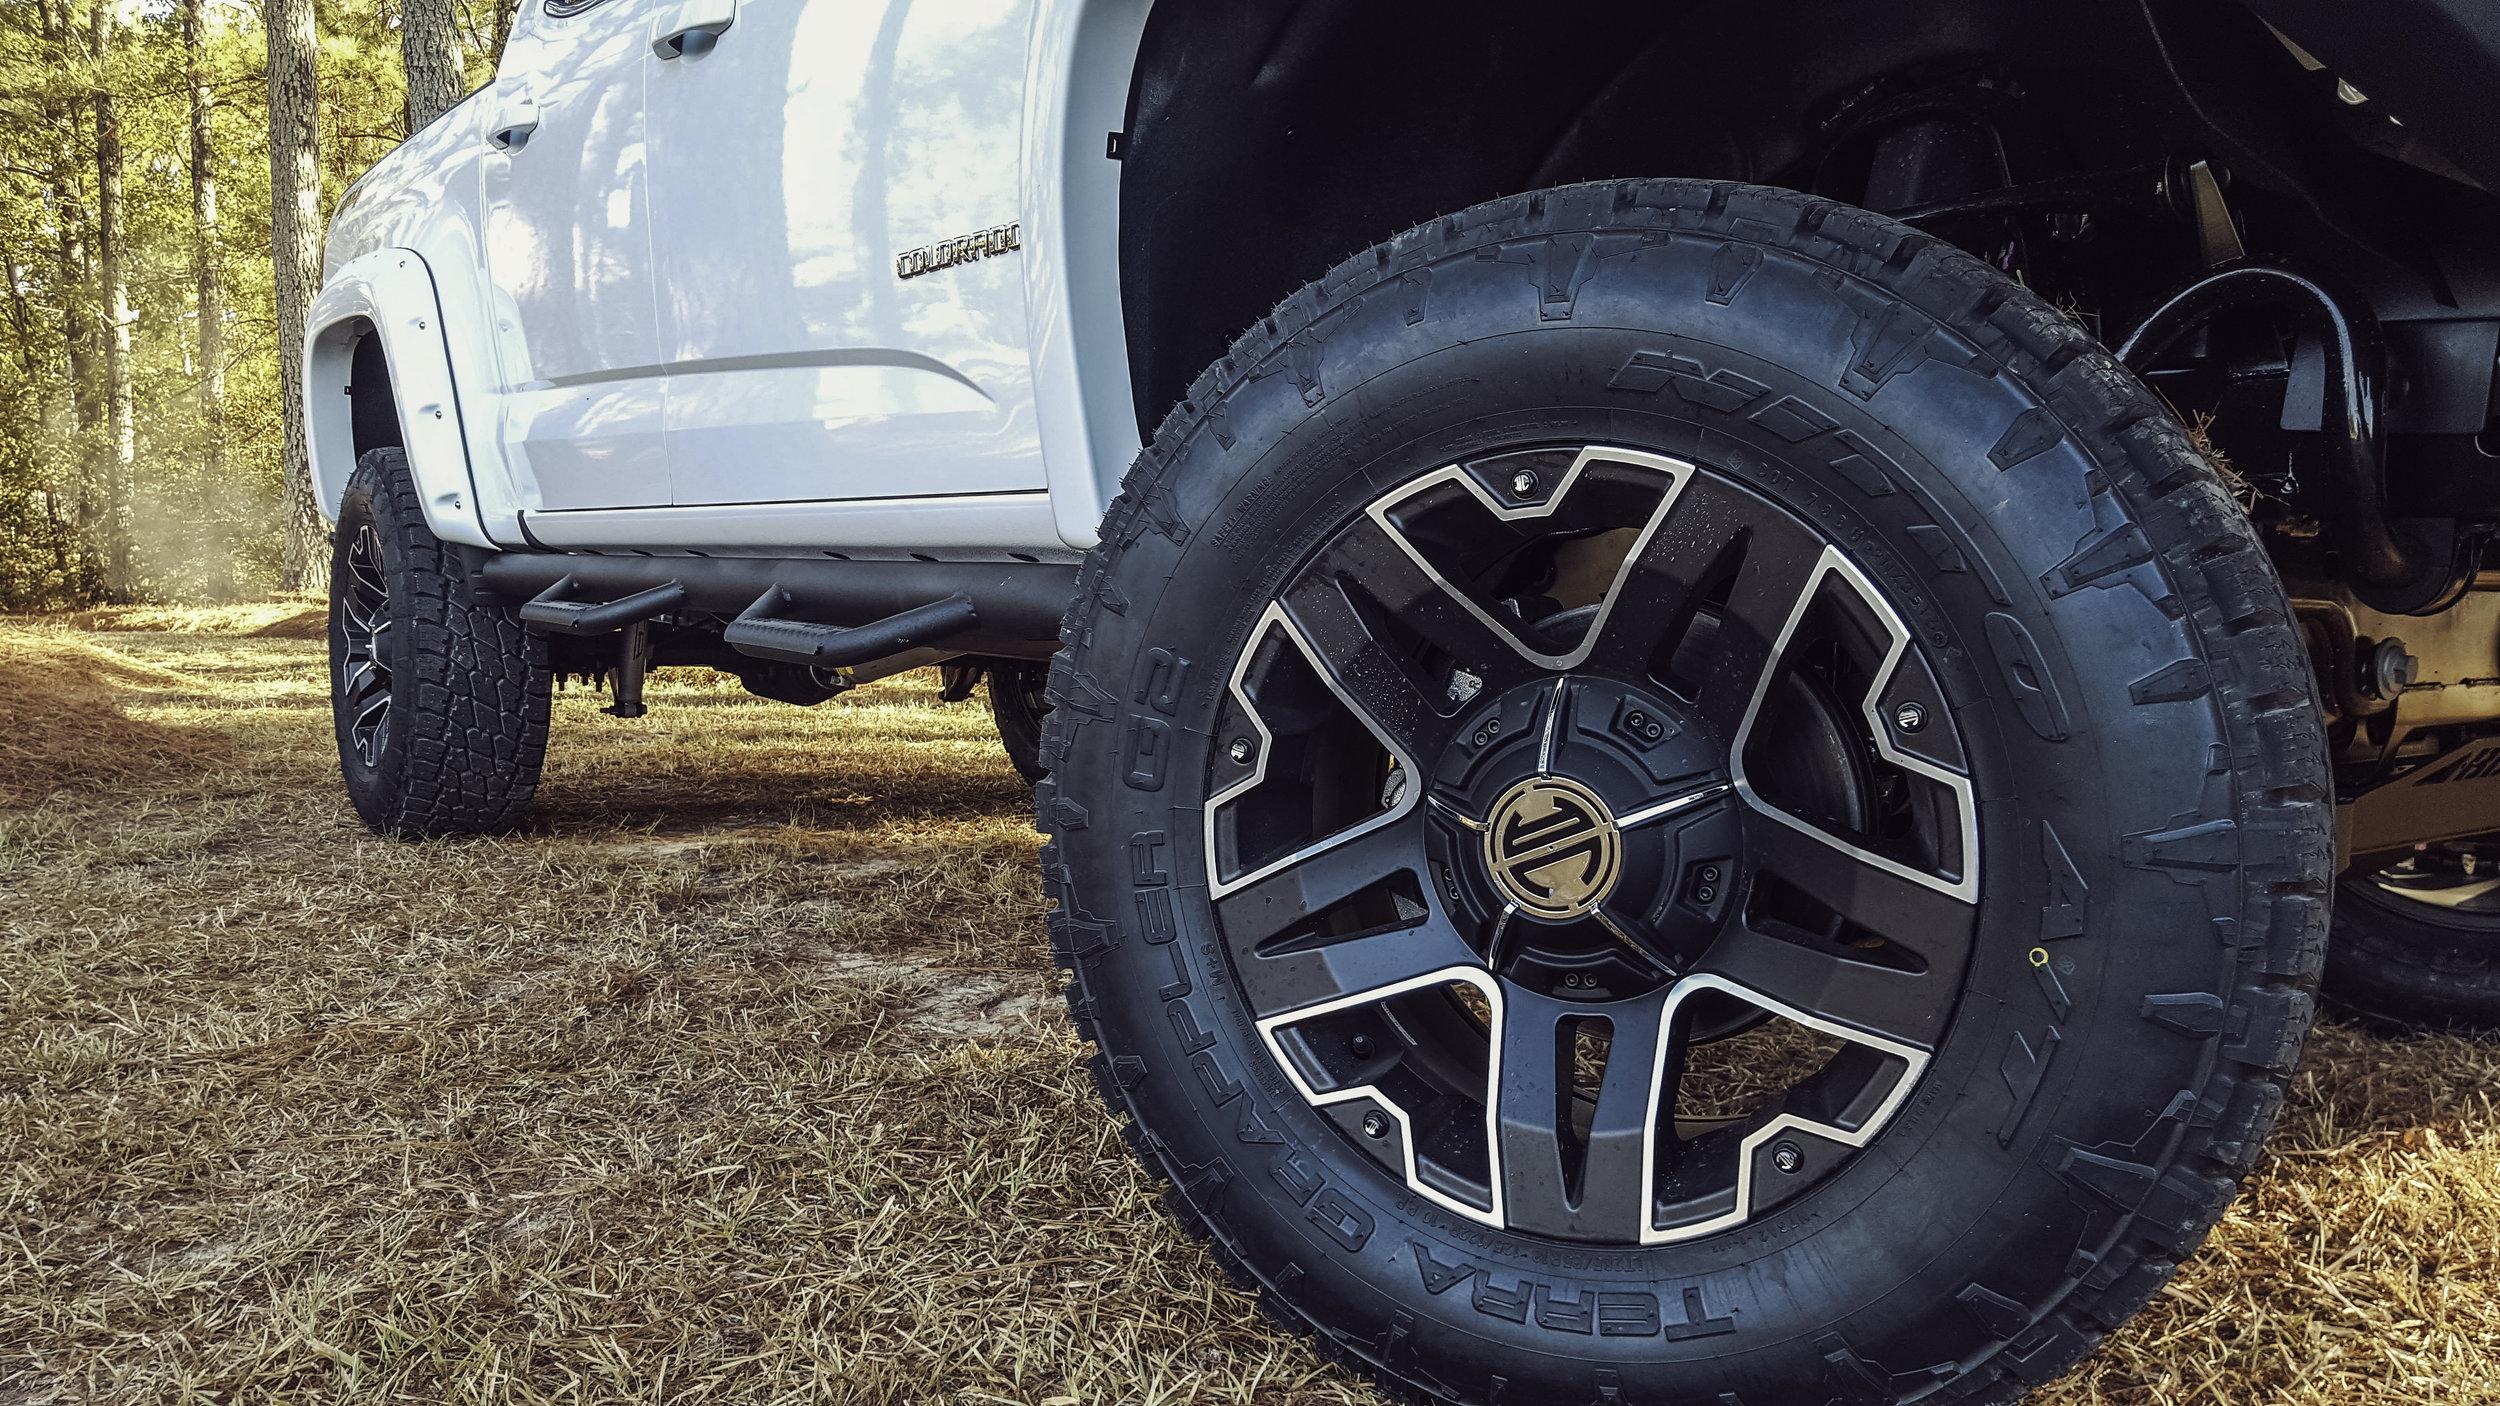 Copy of SCA Chevy Colorado Wheel